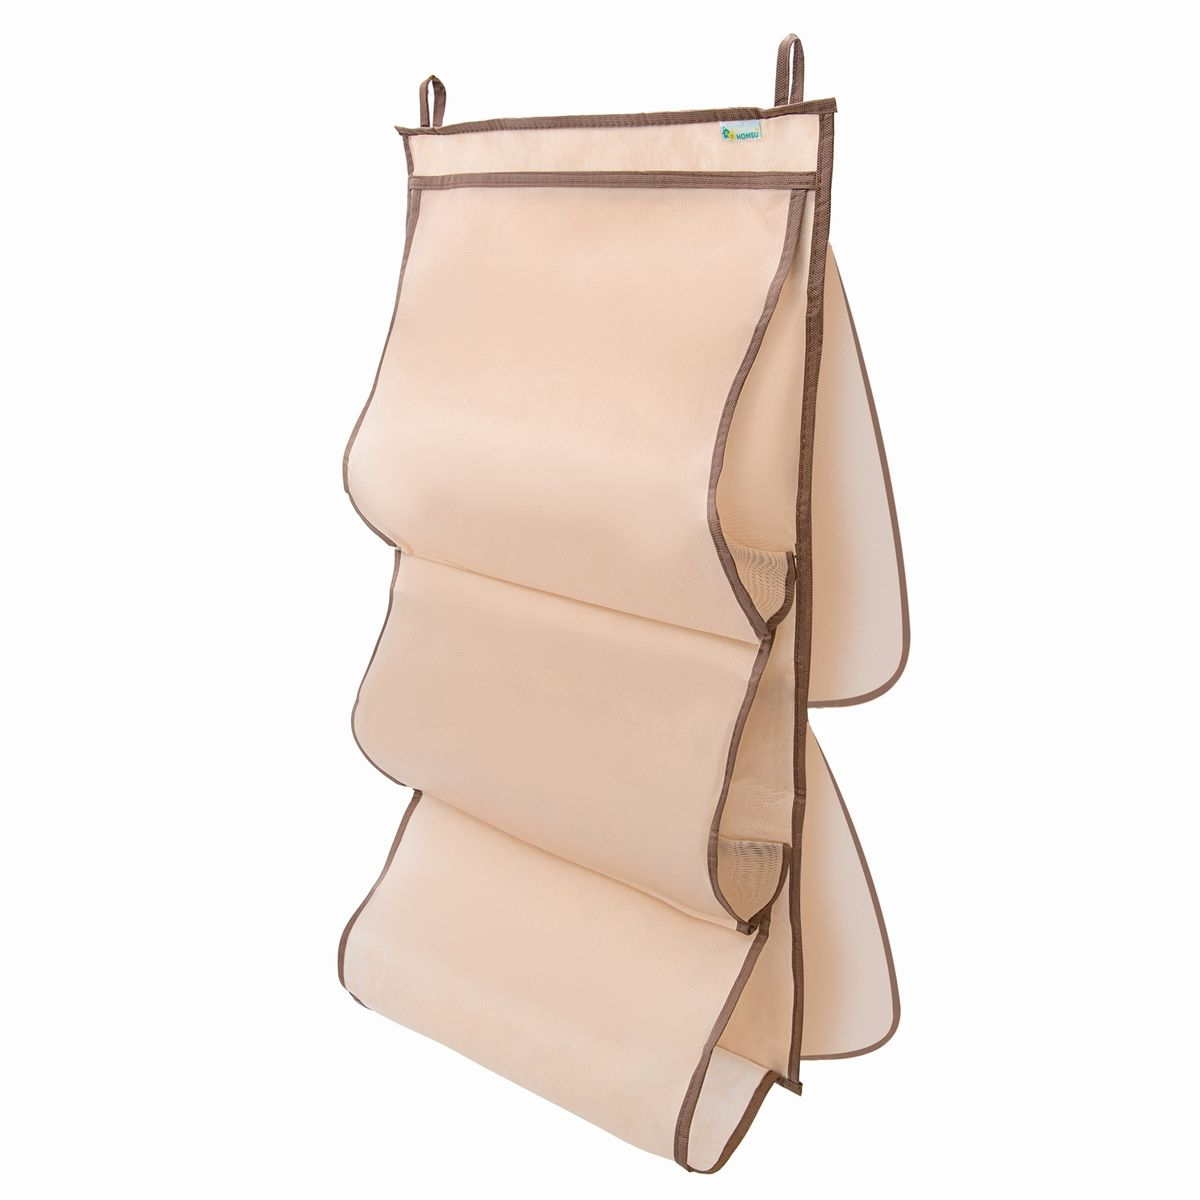 Органайзер для сумок в шкаф Homsu, 40 x 70 смHOM-805Органайзер для хранения сумок имеет 5 отделений под сумки разного размера. Защищает сумки от пыли и повреждений, органайзер можно установить на вешалку и повесить прямо в шкаф.